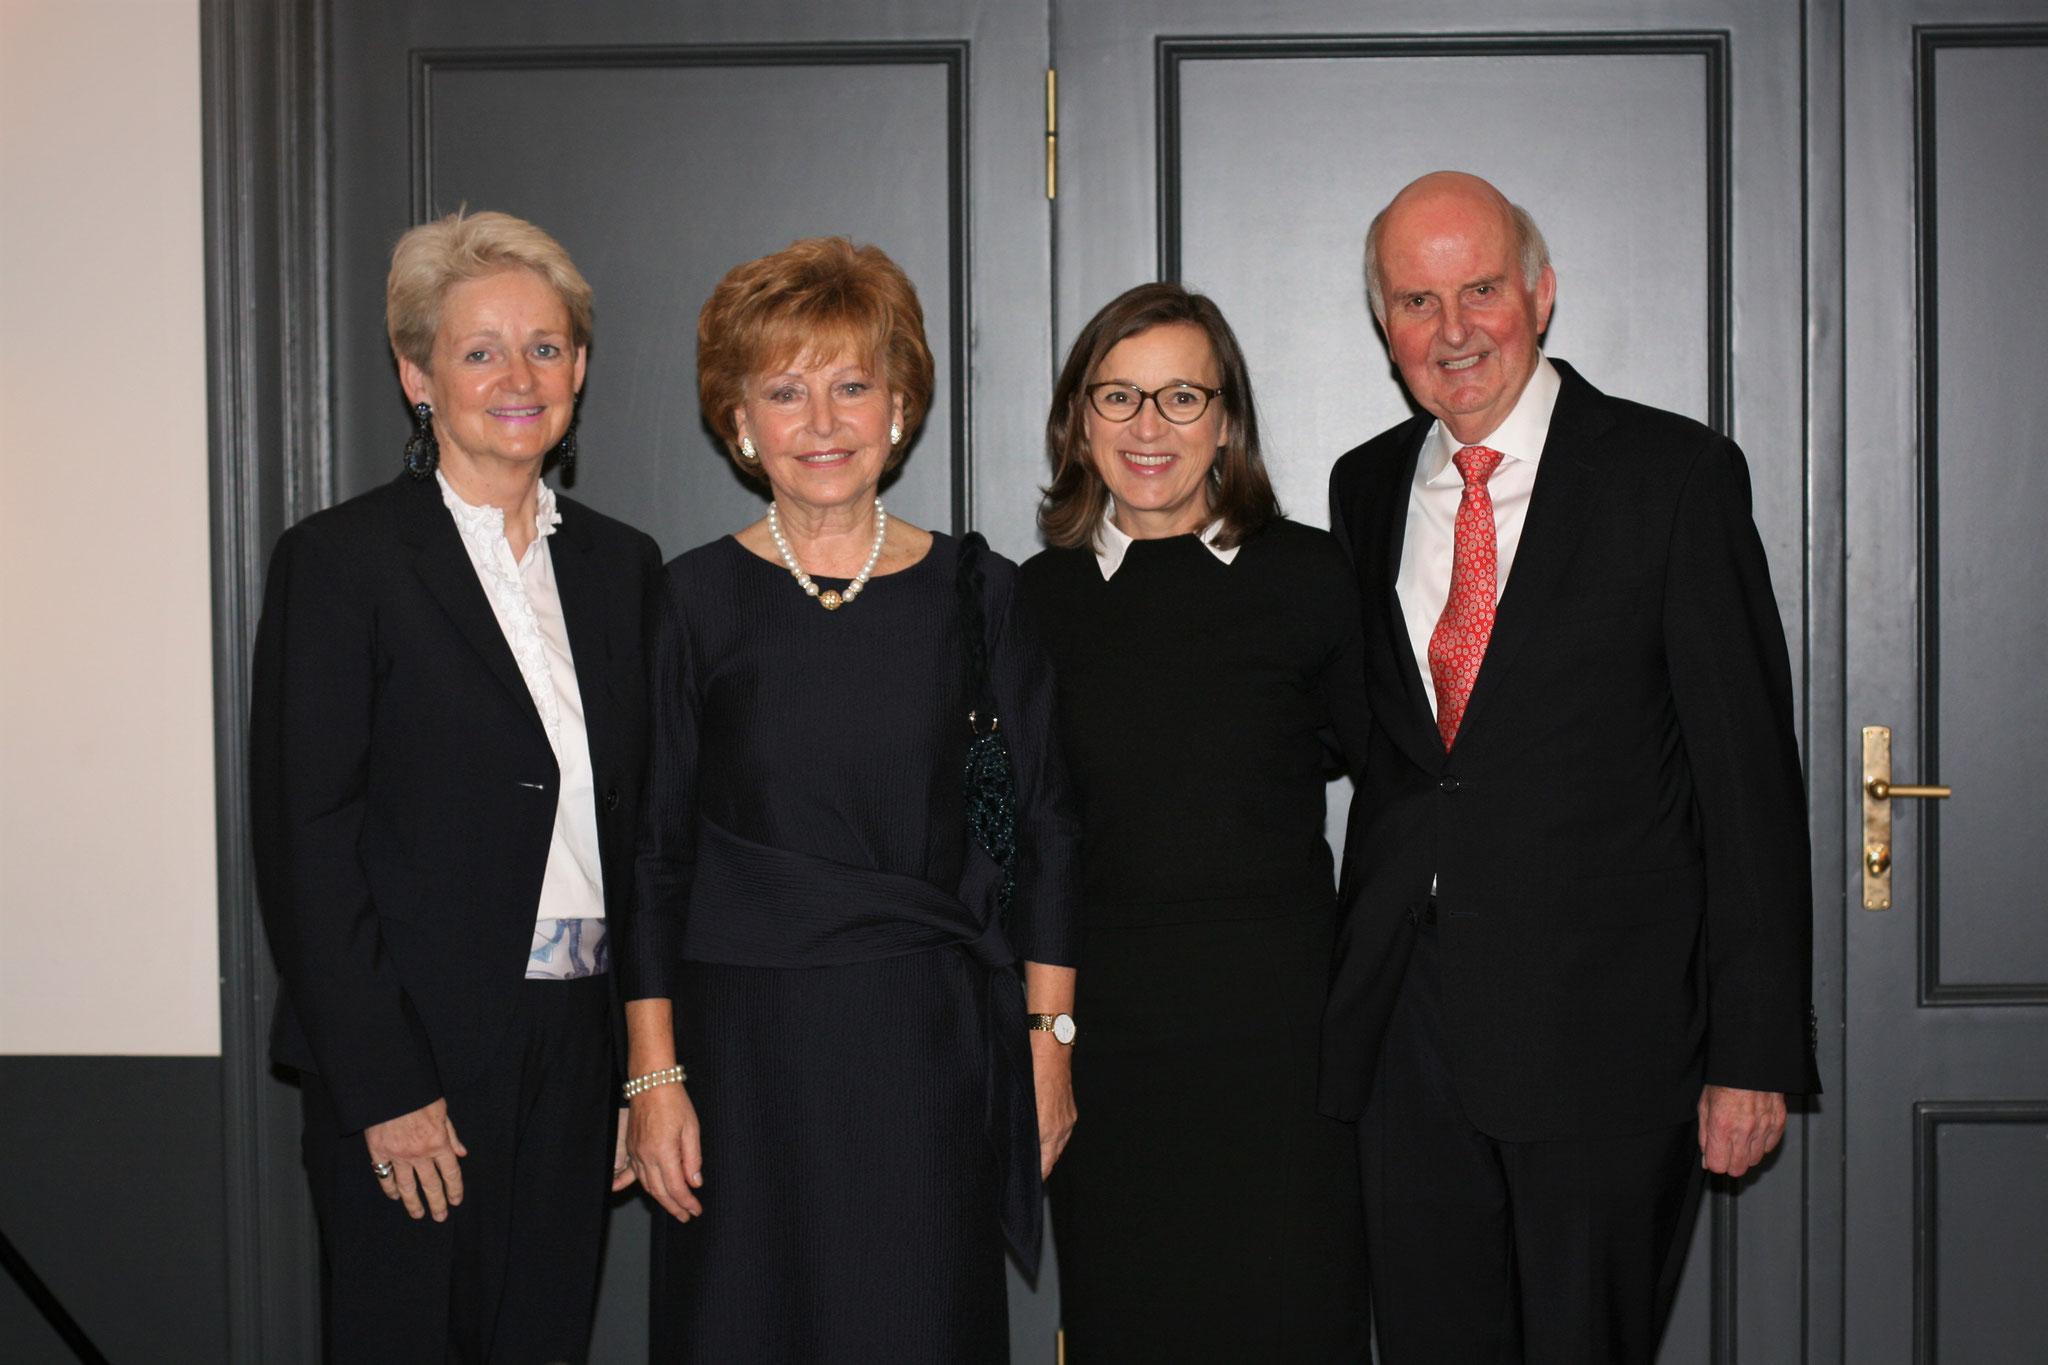 Eva Doyé, Astrid Hiege, Dr. Eva Gümbel, Dr. Wolfgang Hiege